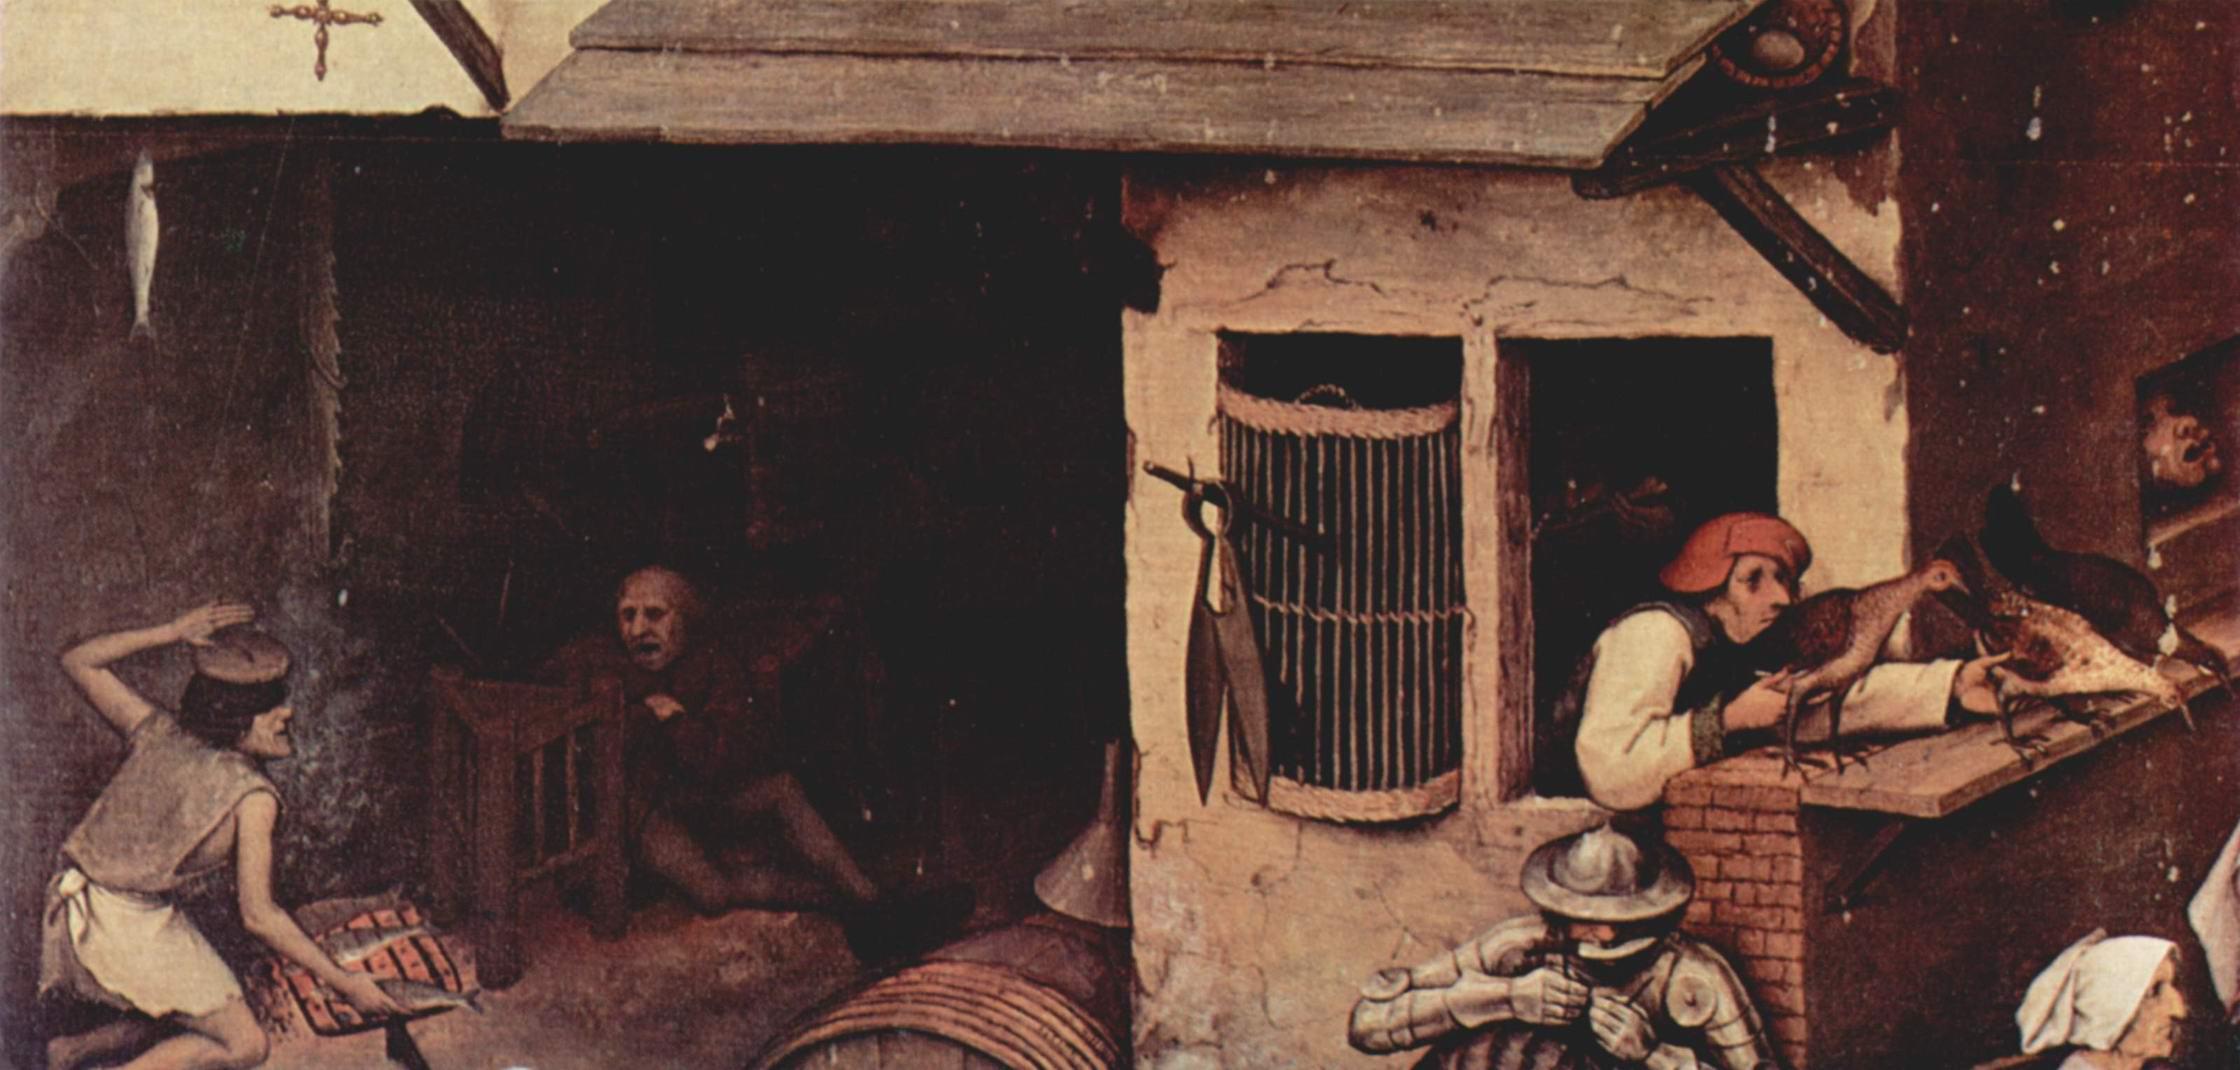 Серия так называемых лубочных картин, нидерландские пословицы. Деталь, Брейгель Питер